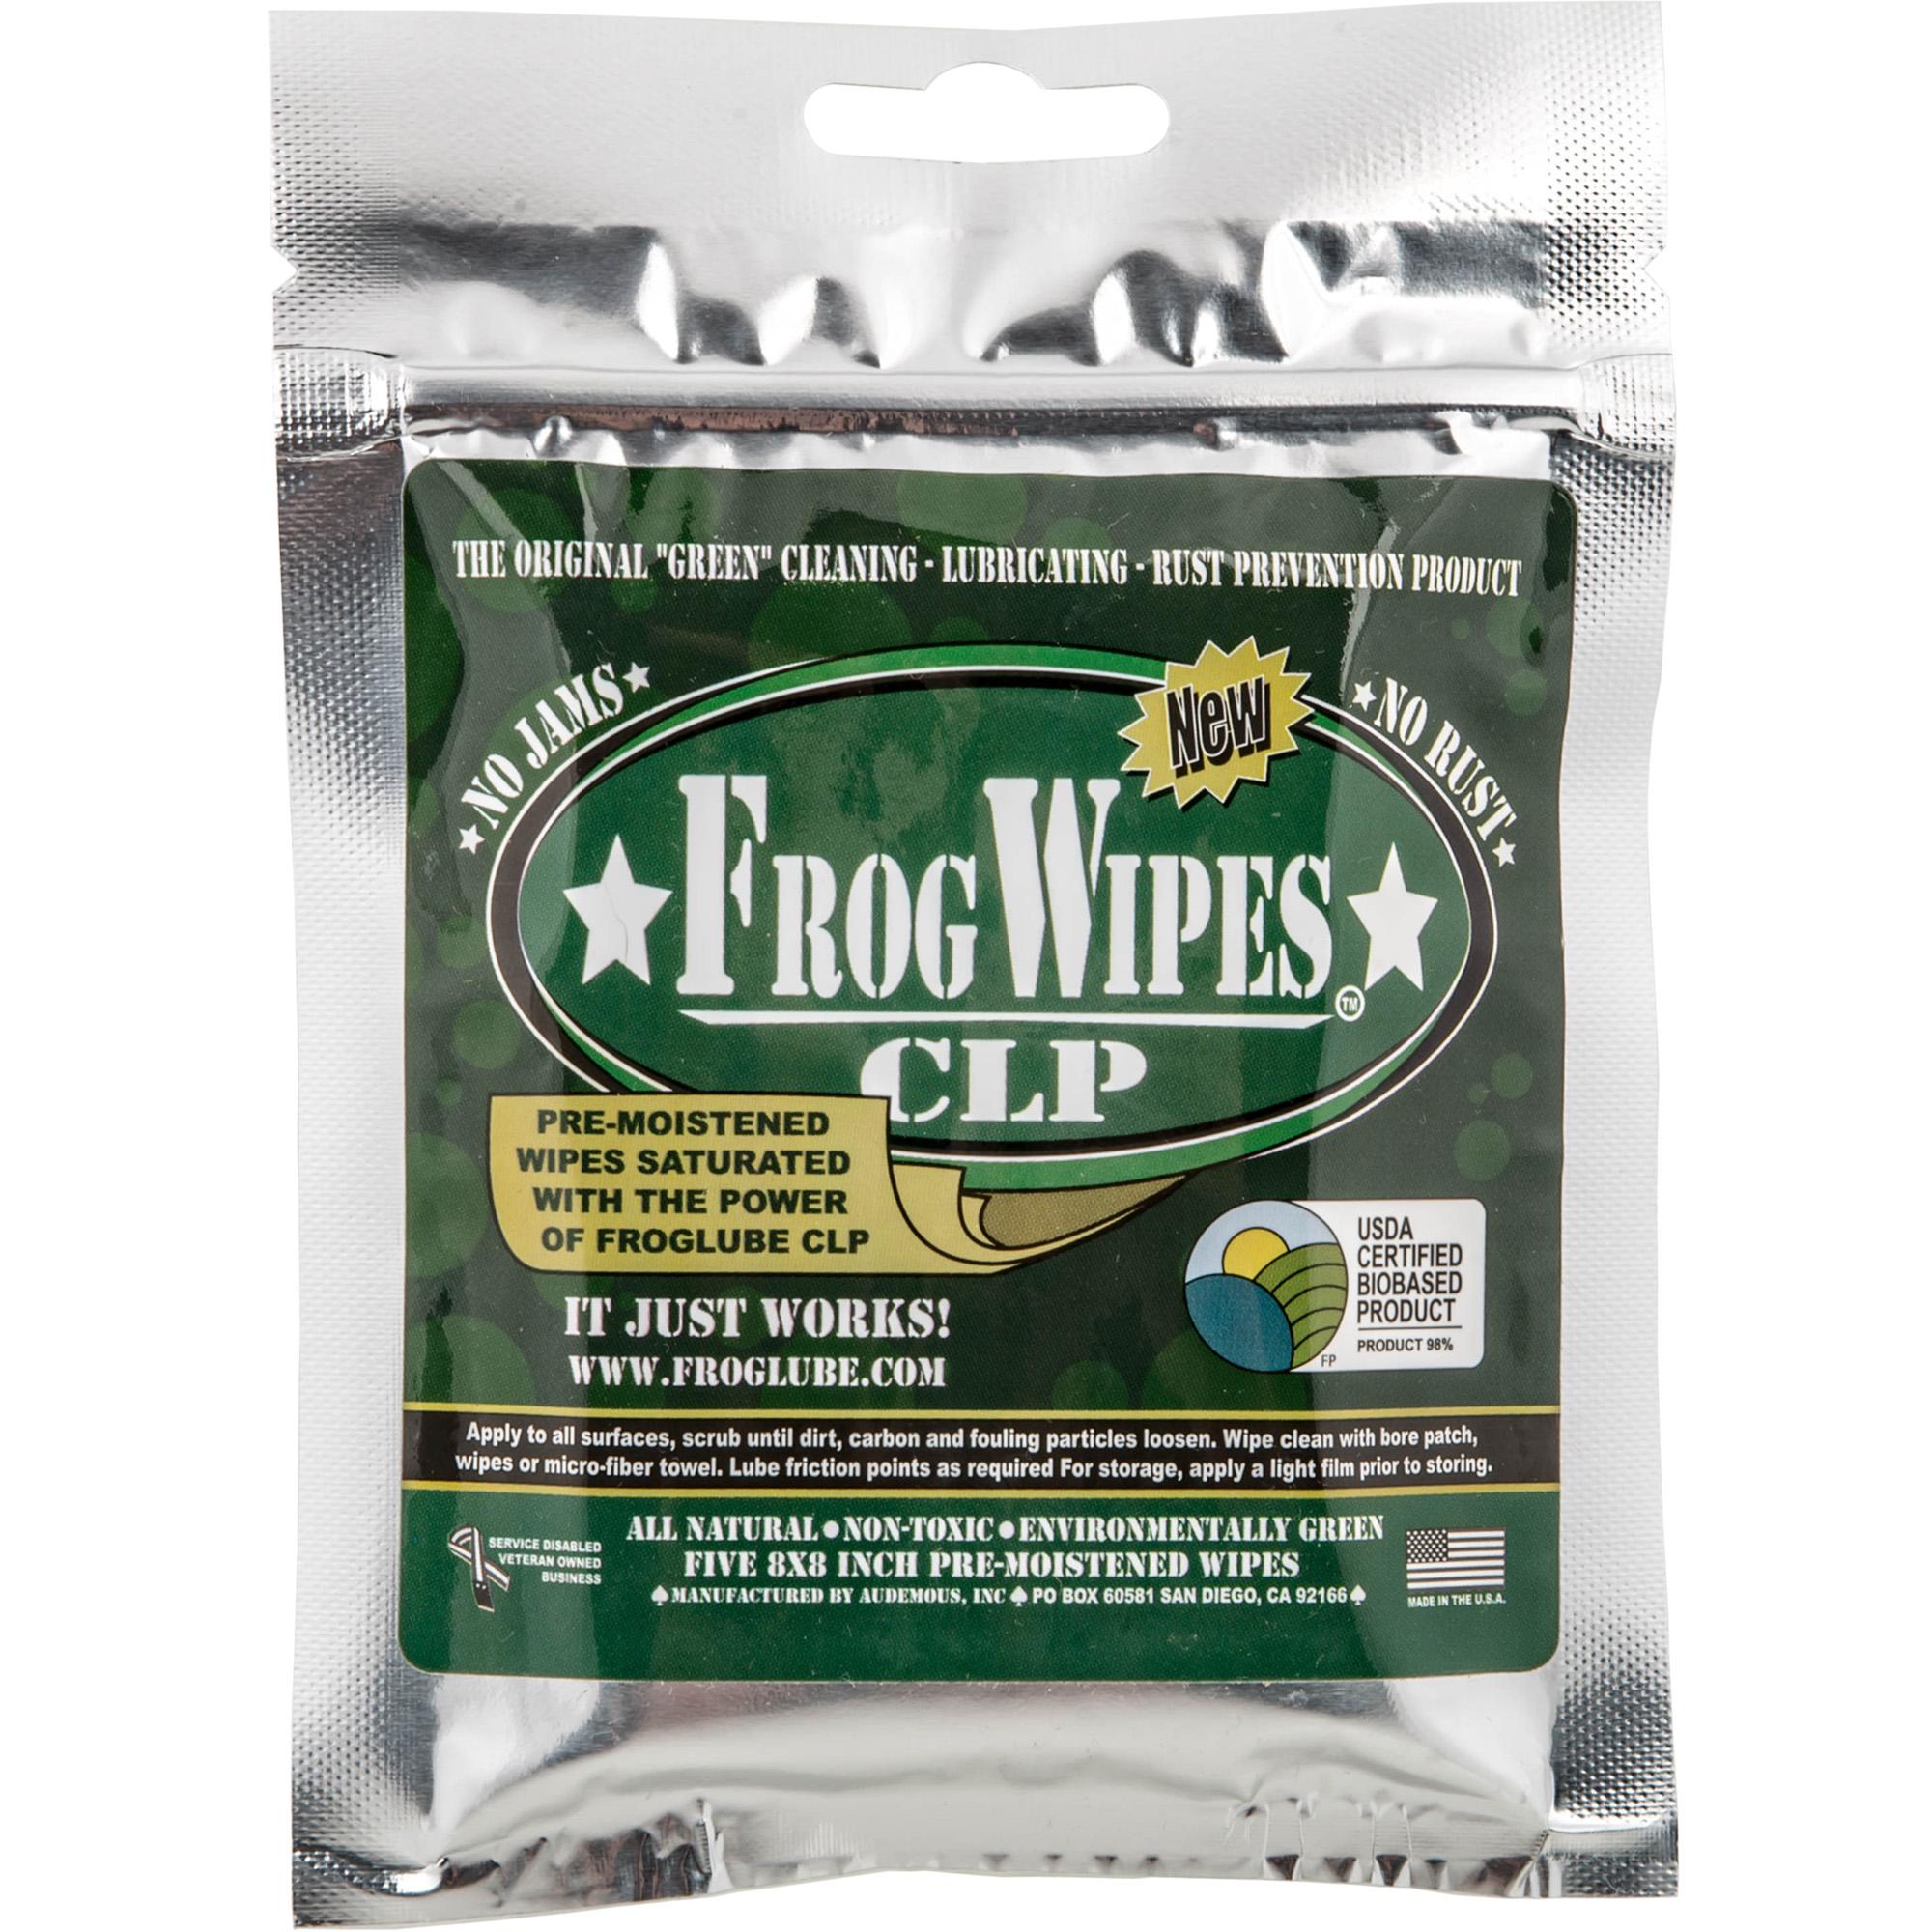 Froglube Clp Frogwipes 12/pk